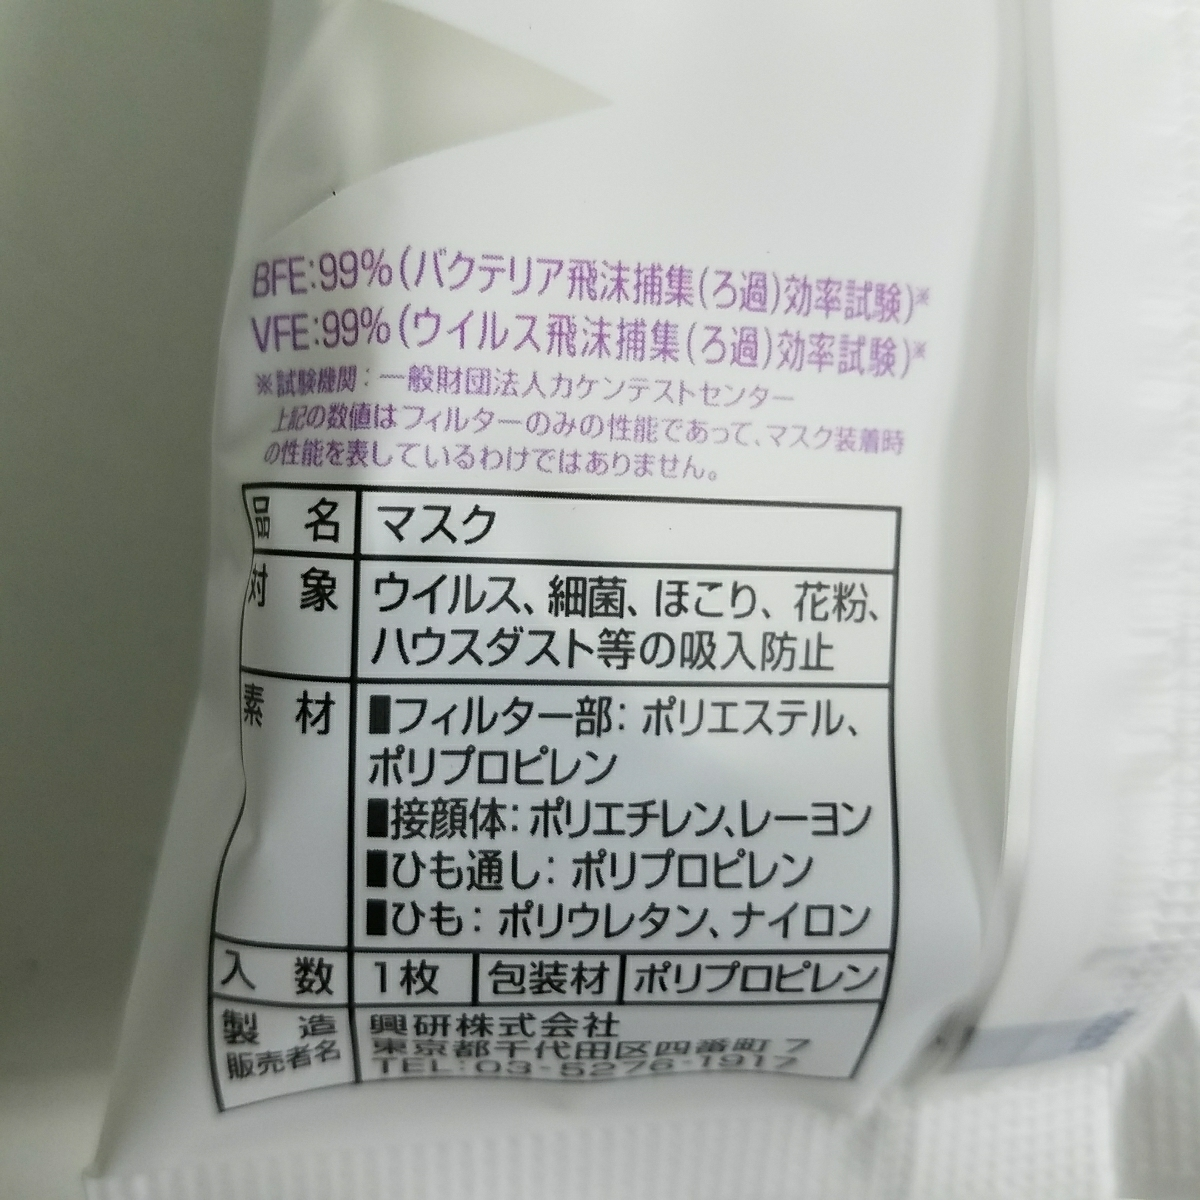 ■売切■ライラック Neo 興研 マスク キッズ用 Kids 5~12歳 インフルエンザ予防 風邪予防 PM2.5 花粉対策 25枚セット 展示品 m894-100_画像6